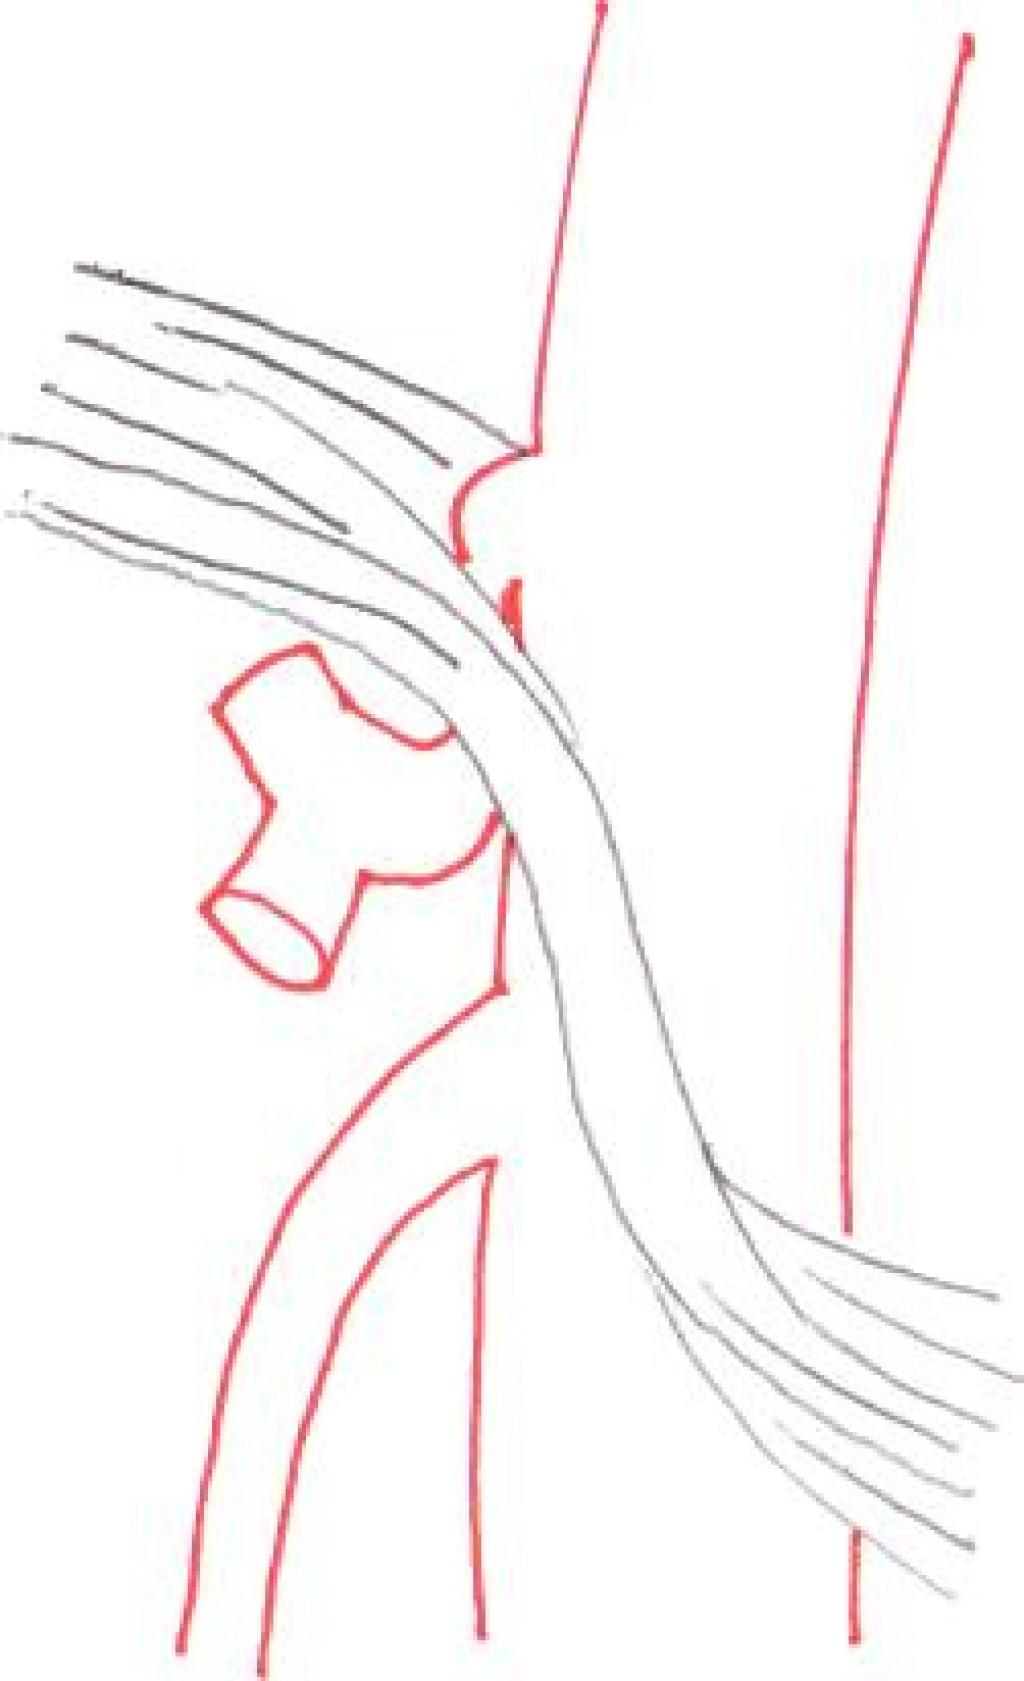 Данбара синдром (иллюстрации)